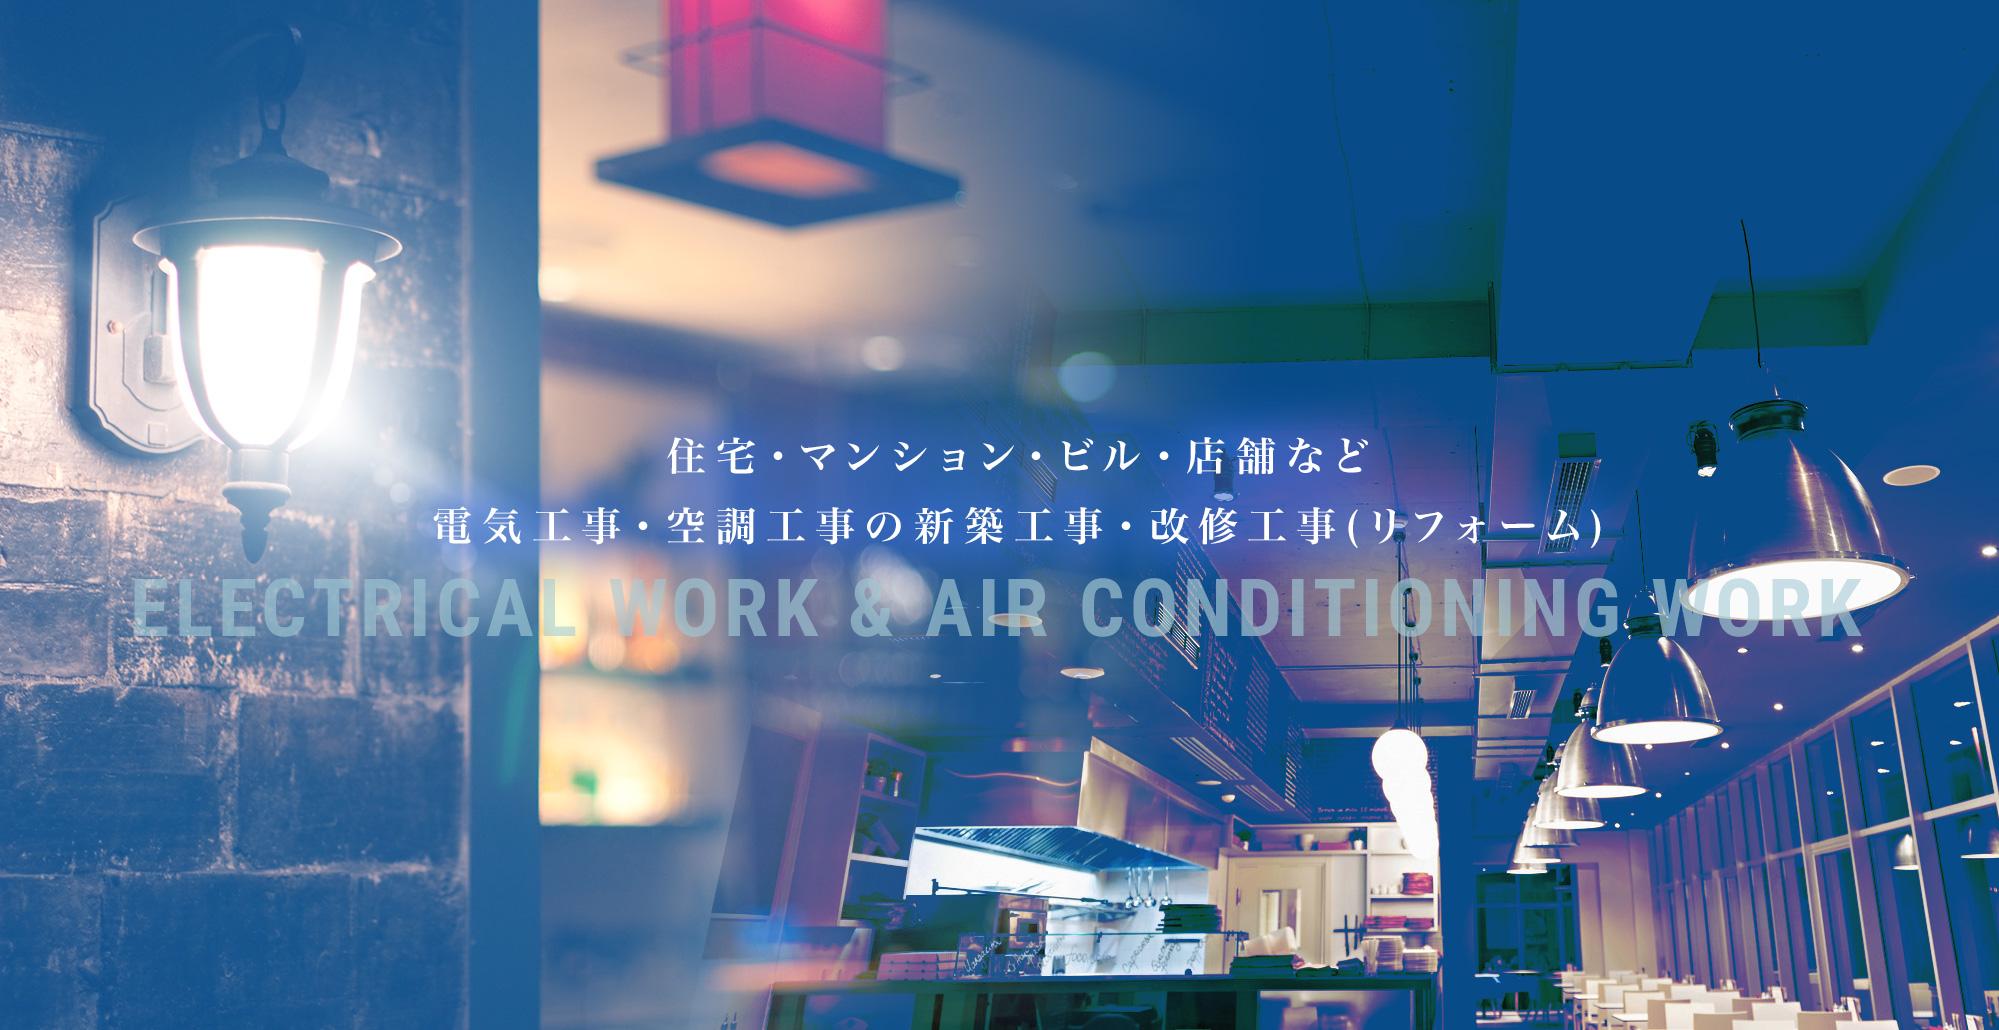 住宅・マンション・ビル・店舗など 電気工事・空調工事の新築工事・改修工事(リフォーム)